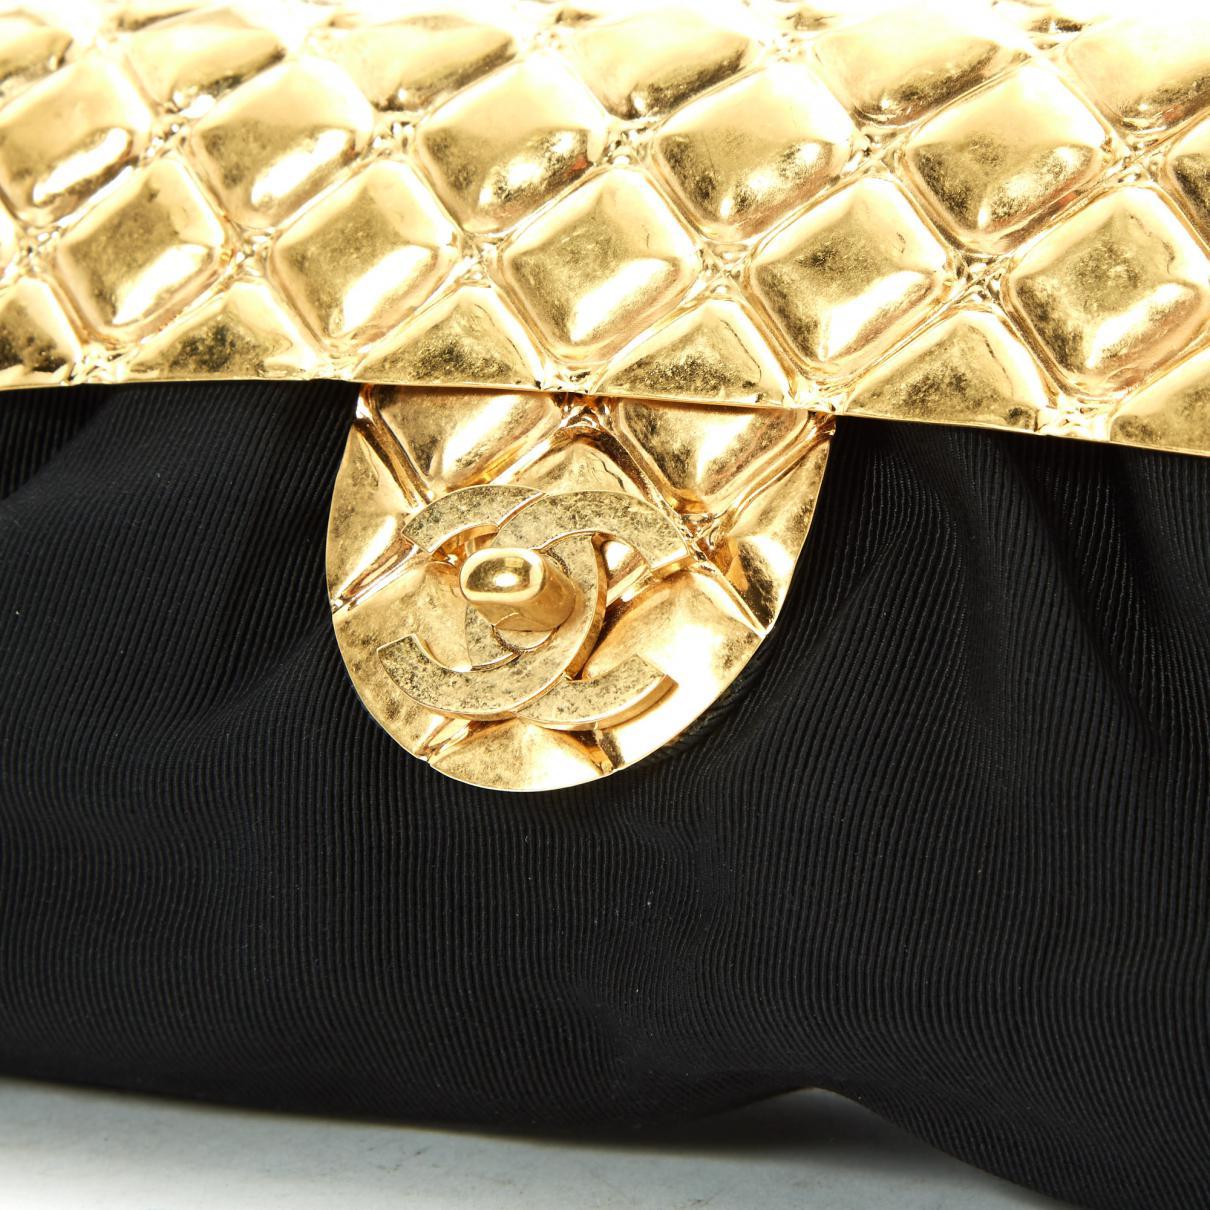 Lyst - Chanel Clutch Bag in Black bf9dae73f926d